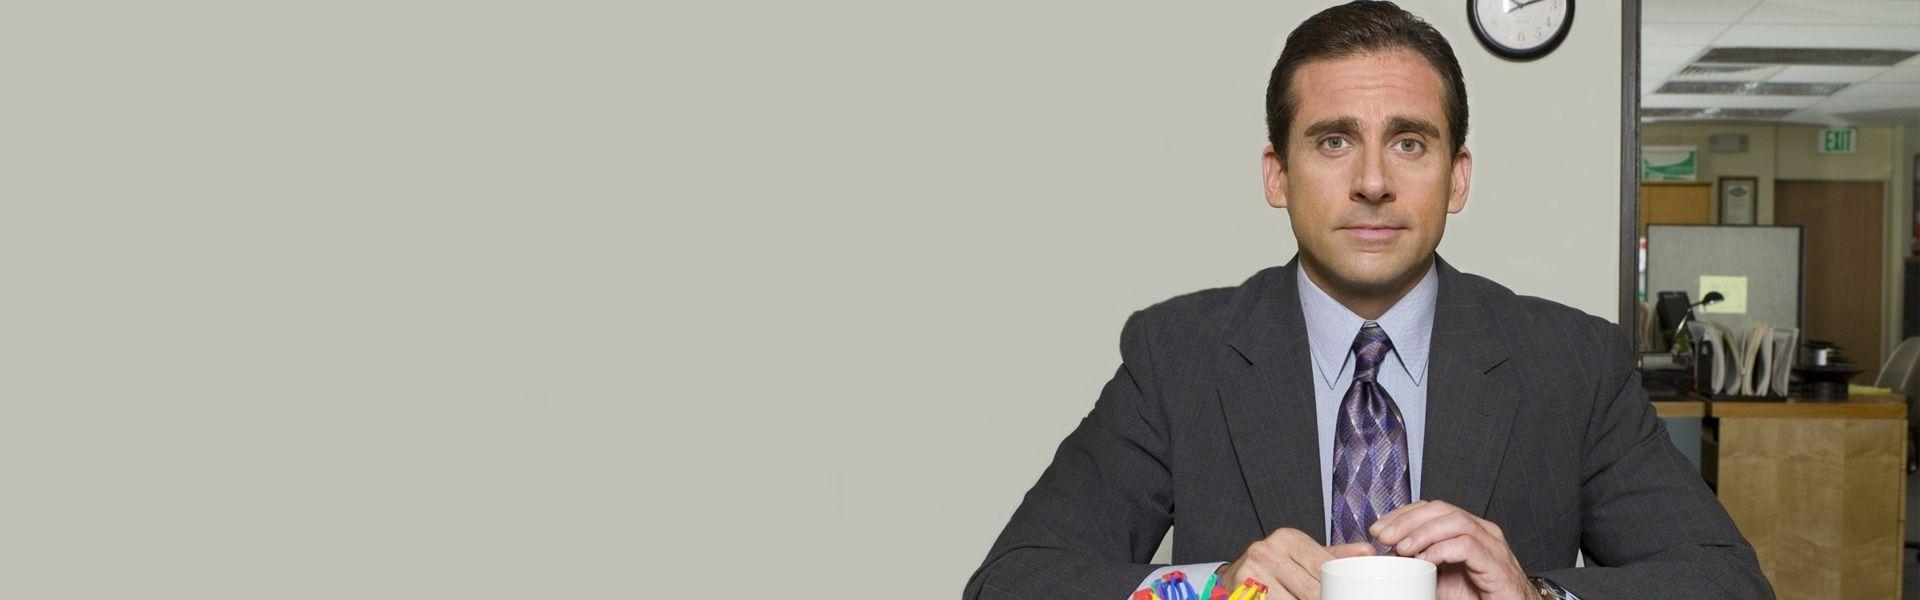 michael scott world s best boss hd boss